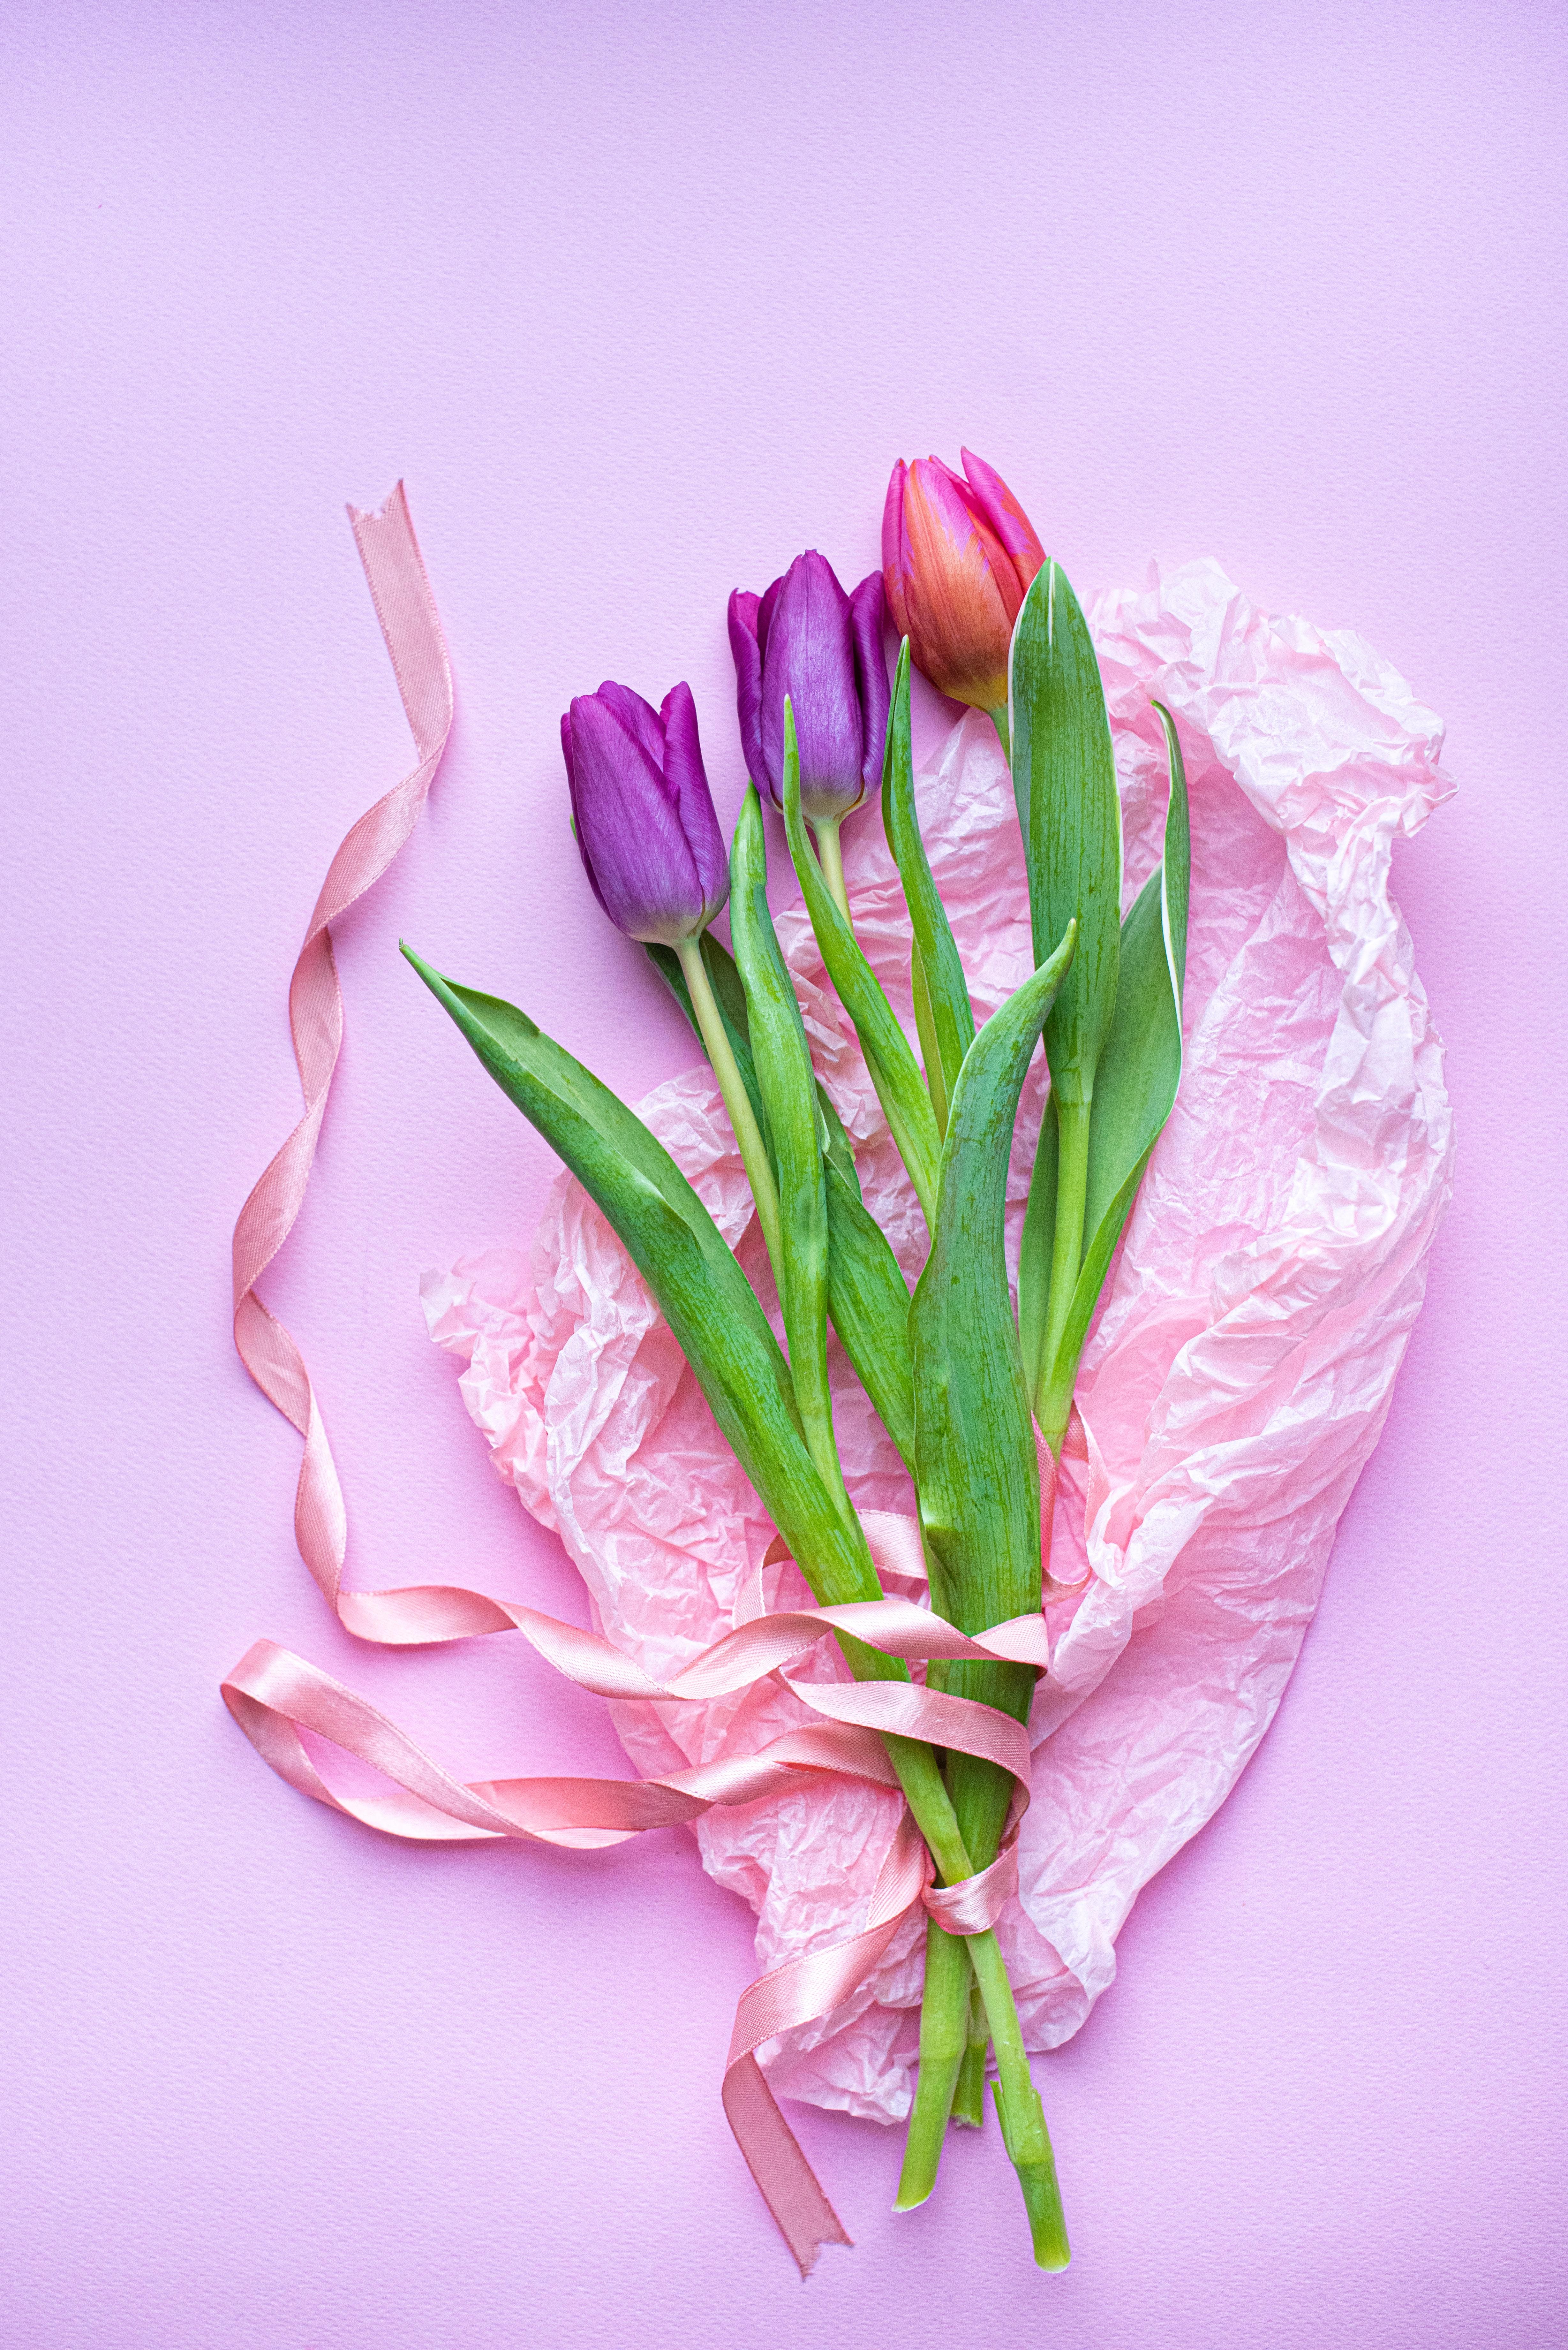 111334 Hintergrundbild herunterladen Tulpen, Blumen, Rosa, Strauß, Bouquet, Lila - Bildschirmschoner und Bilder kostenlos